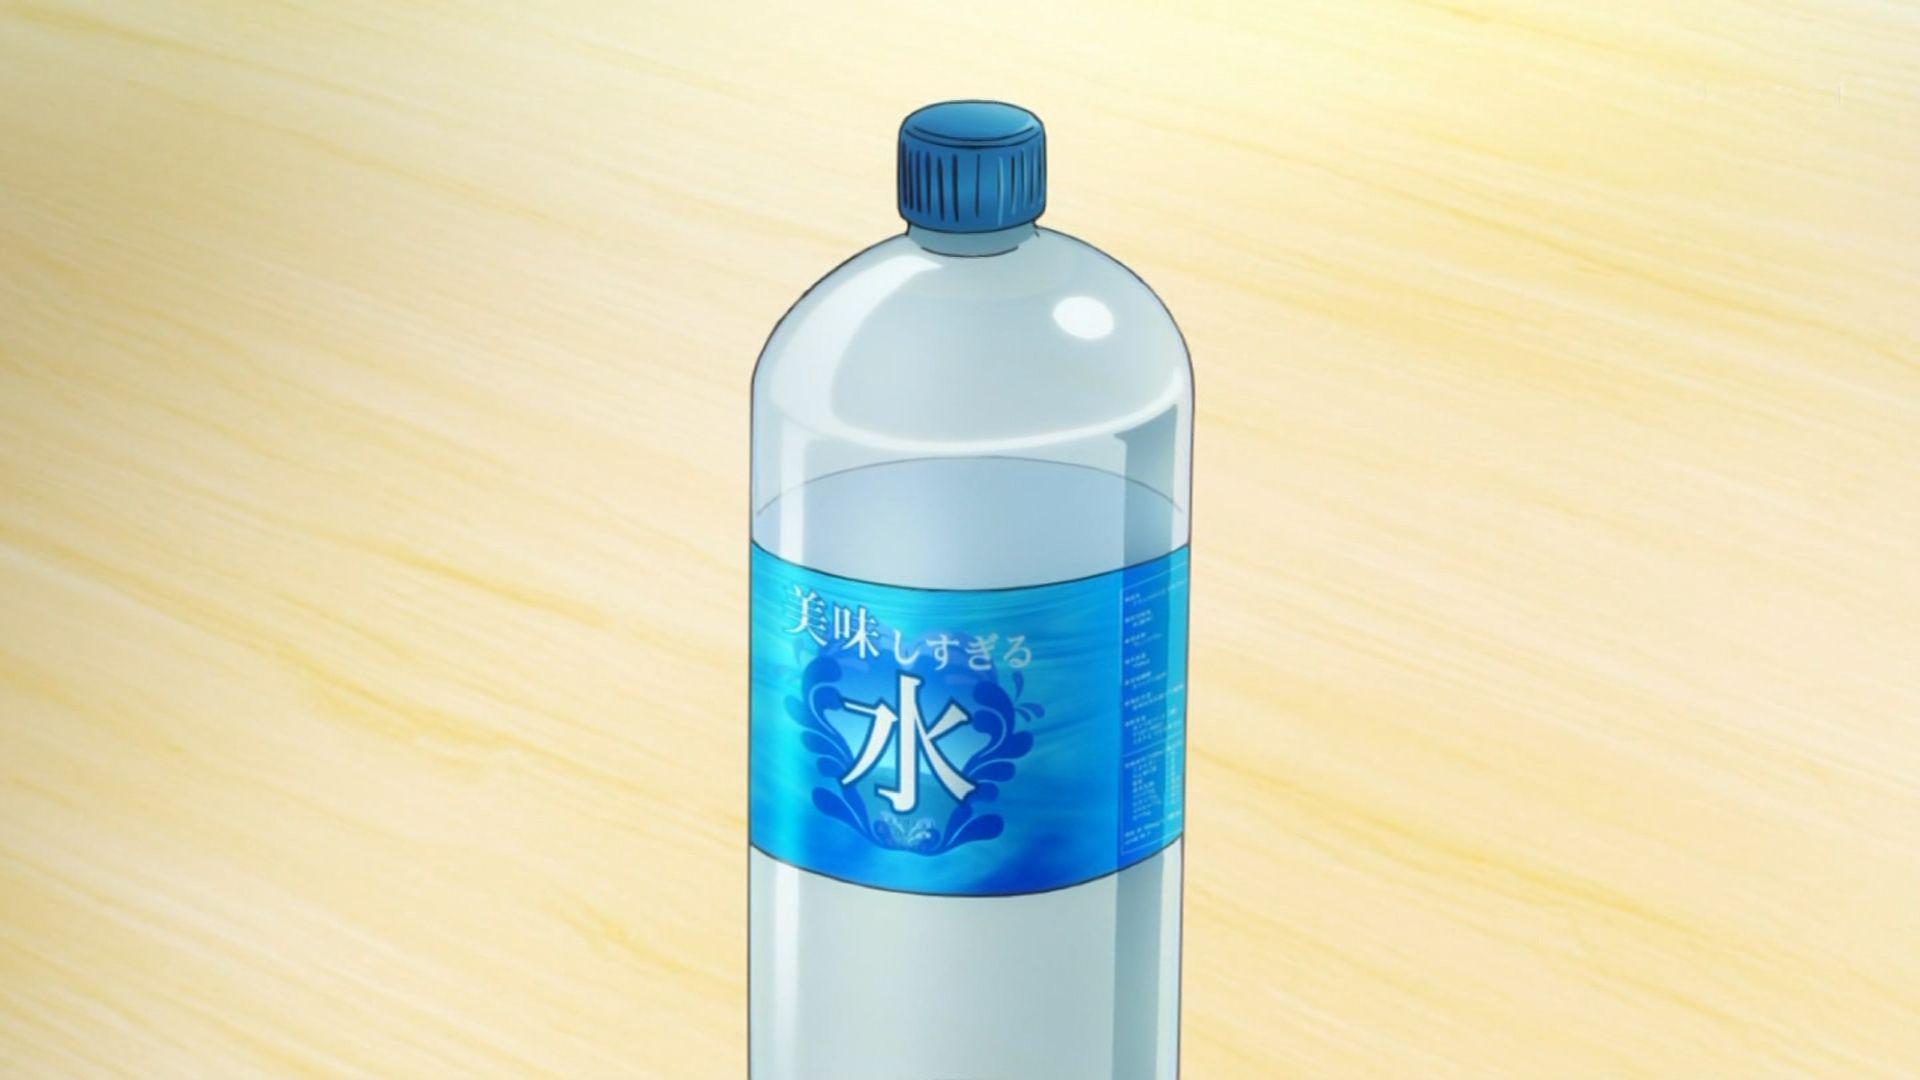 美味しすぎる水  #SB69A #tokyomx http://t.co/V1t5a9AvNW